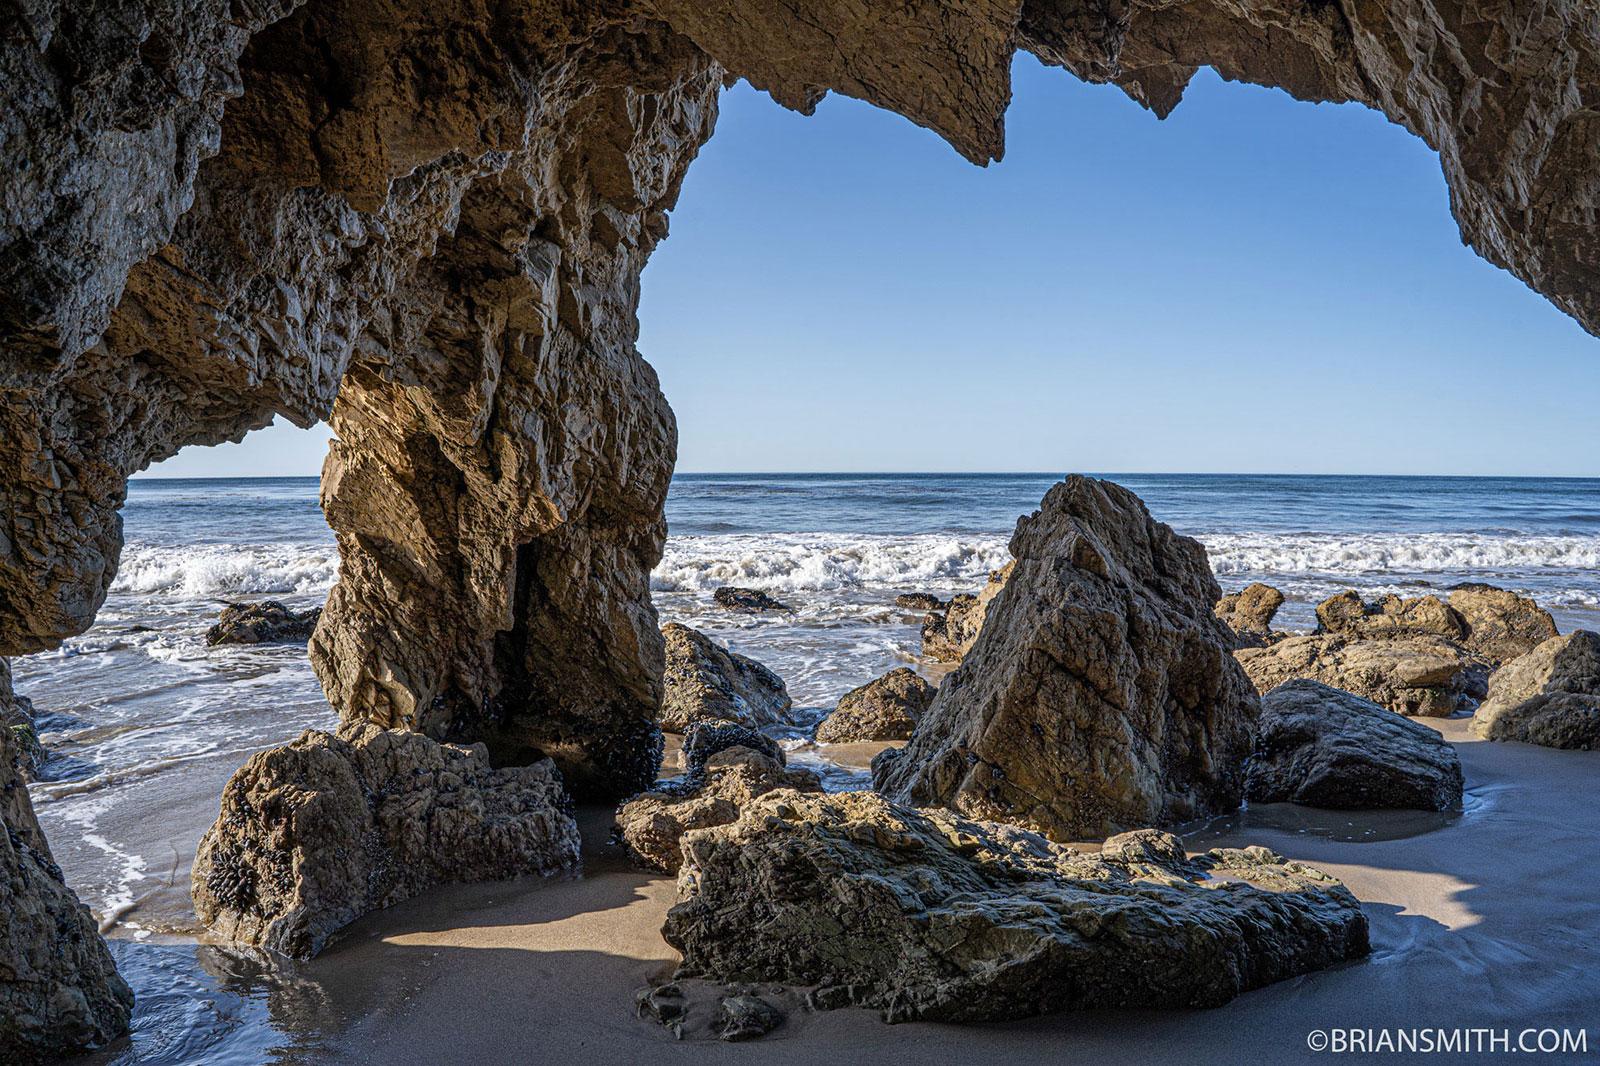 Sony FE 24mm Compact Prime lens El Matador Beach